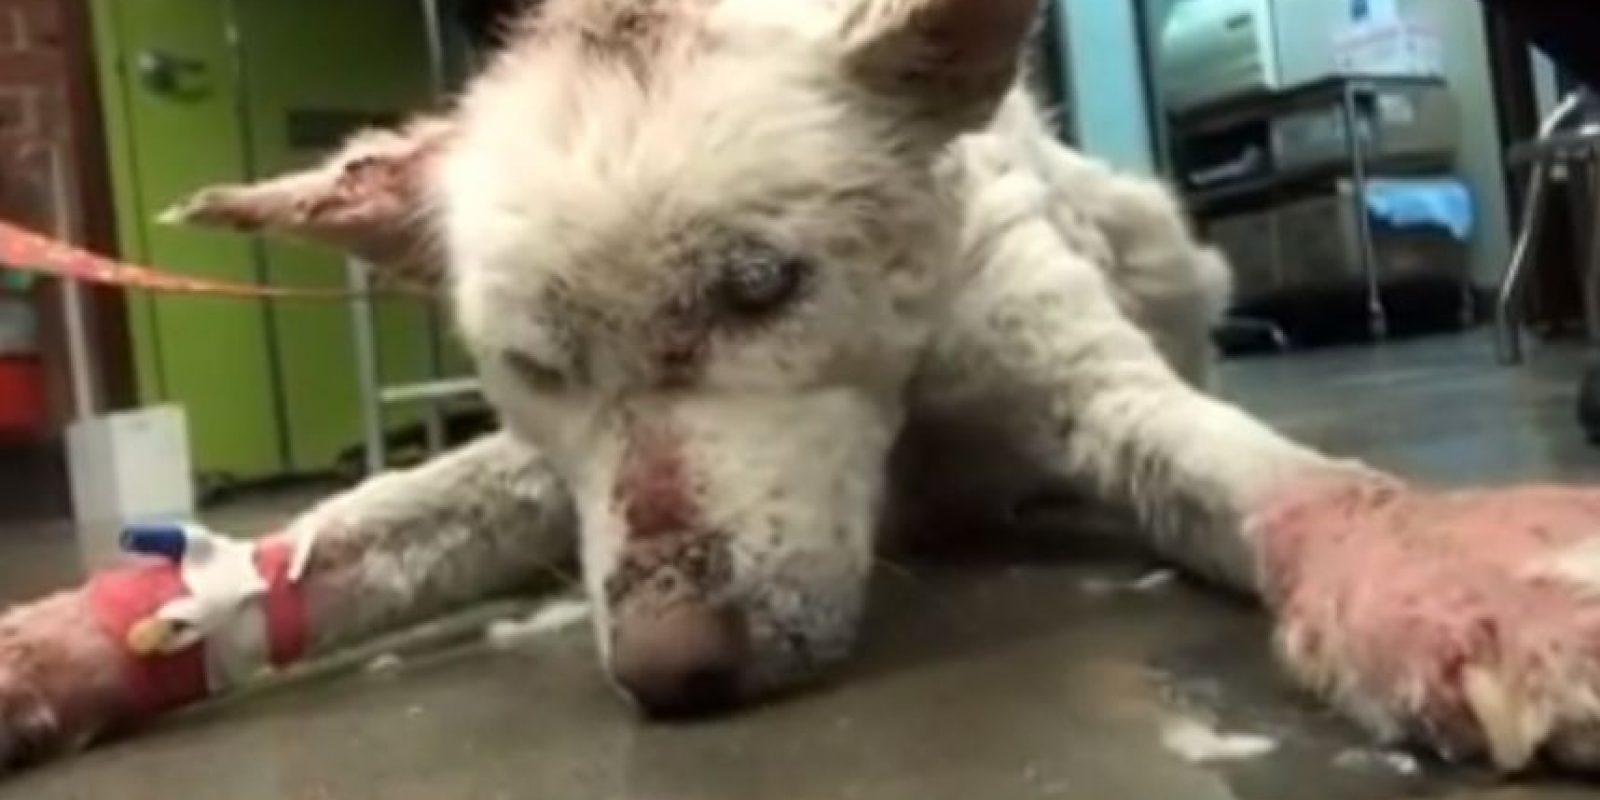 La ayudaron al grado de vonvertirla en una hermosa perrita husky Foto:Vía Youtube Eldad Hagard